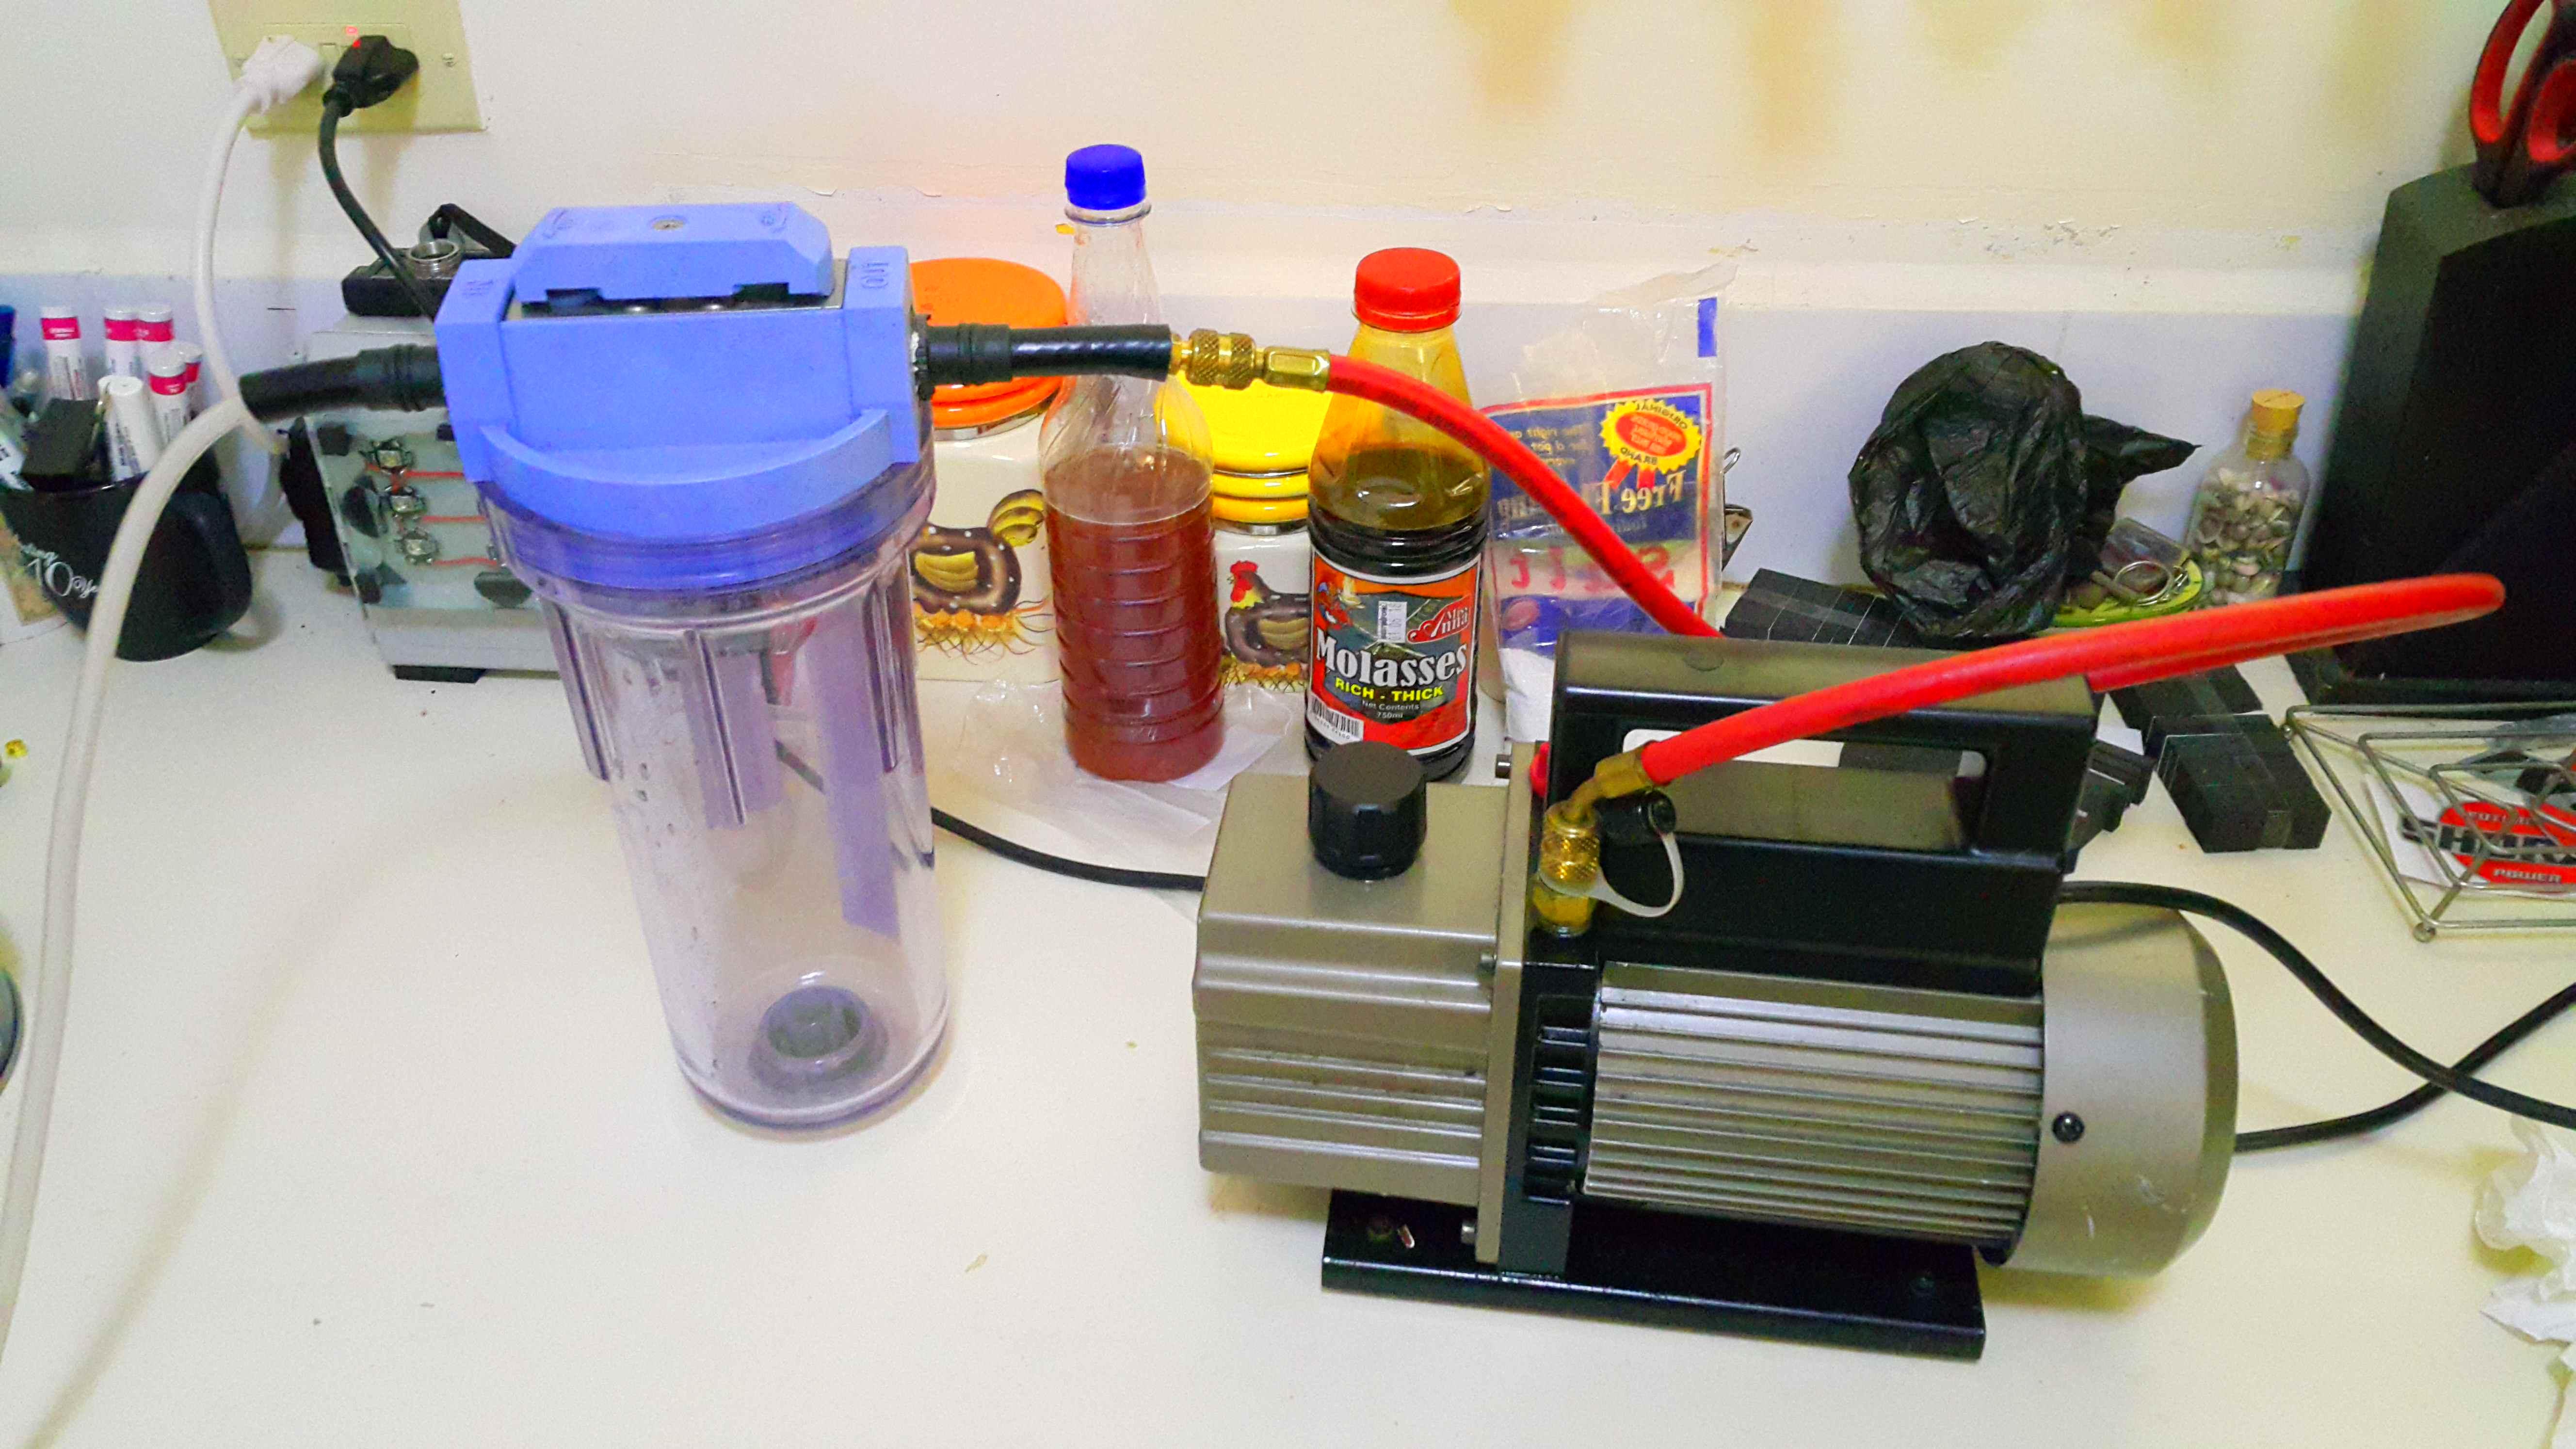 Vacuum powered liquid extractor!